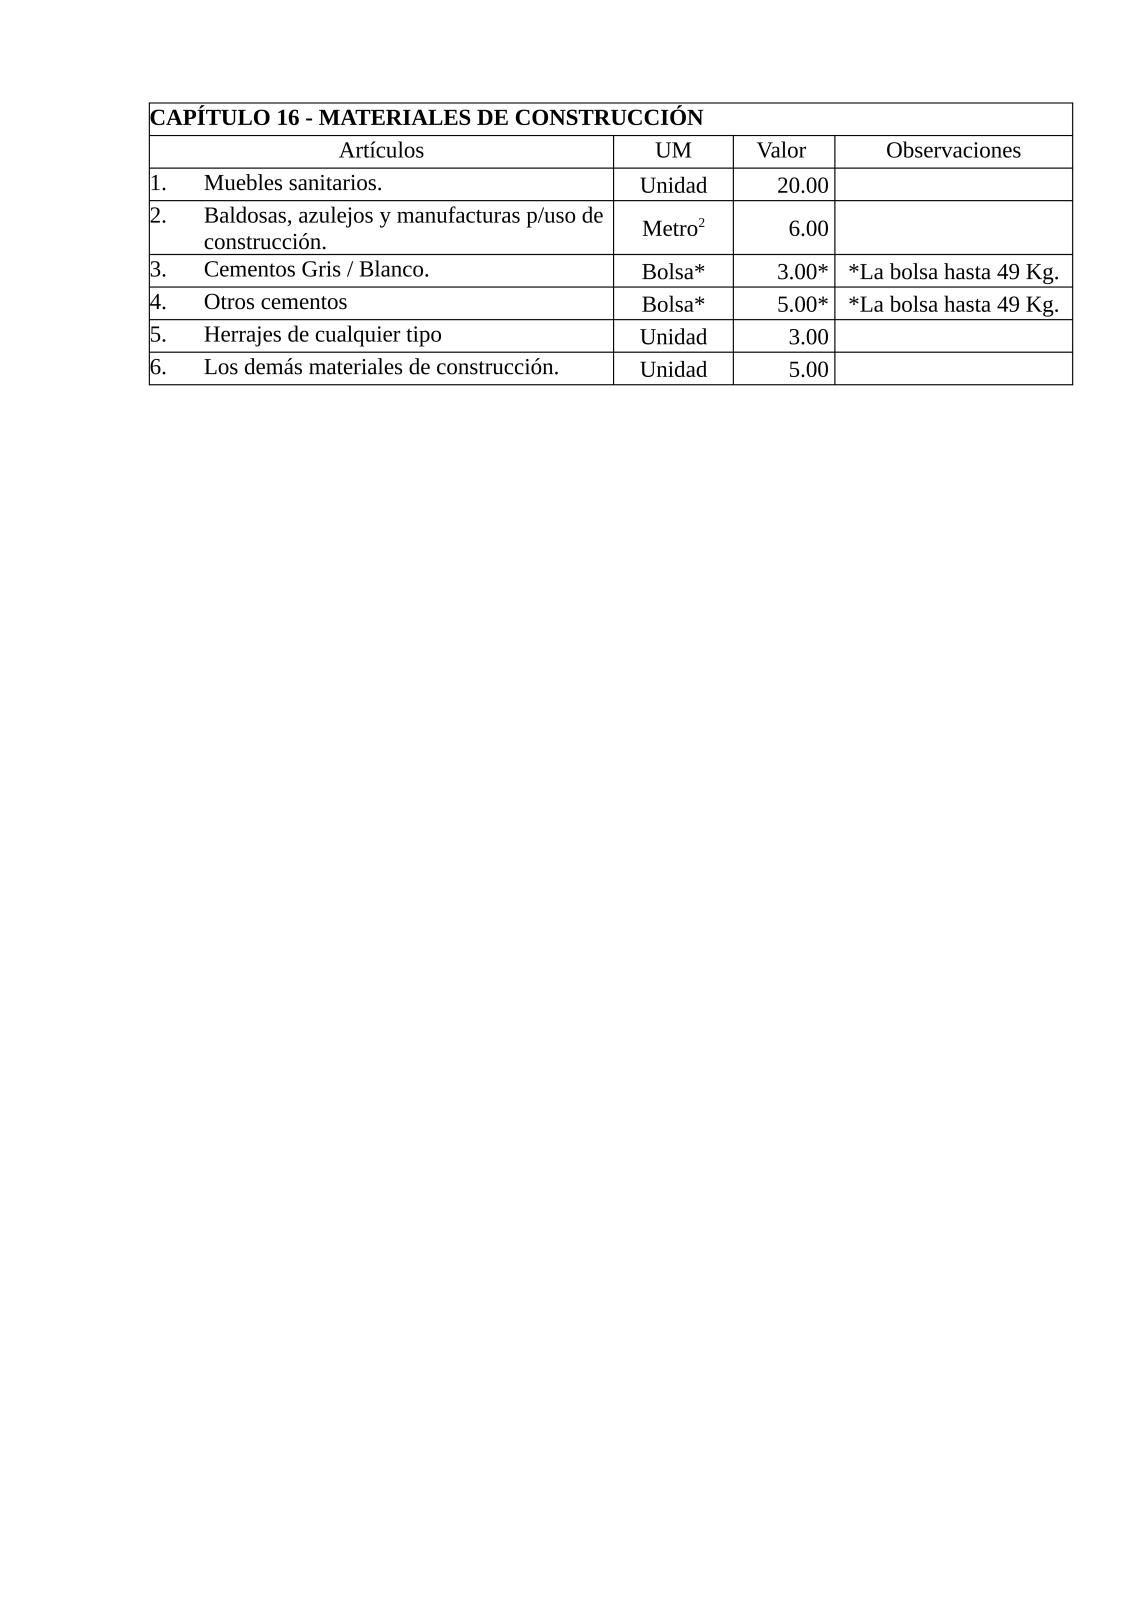 321-2011 Listado de Valoraciòn Interno_024